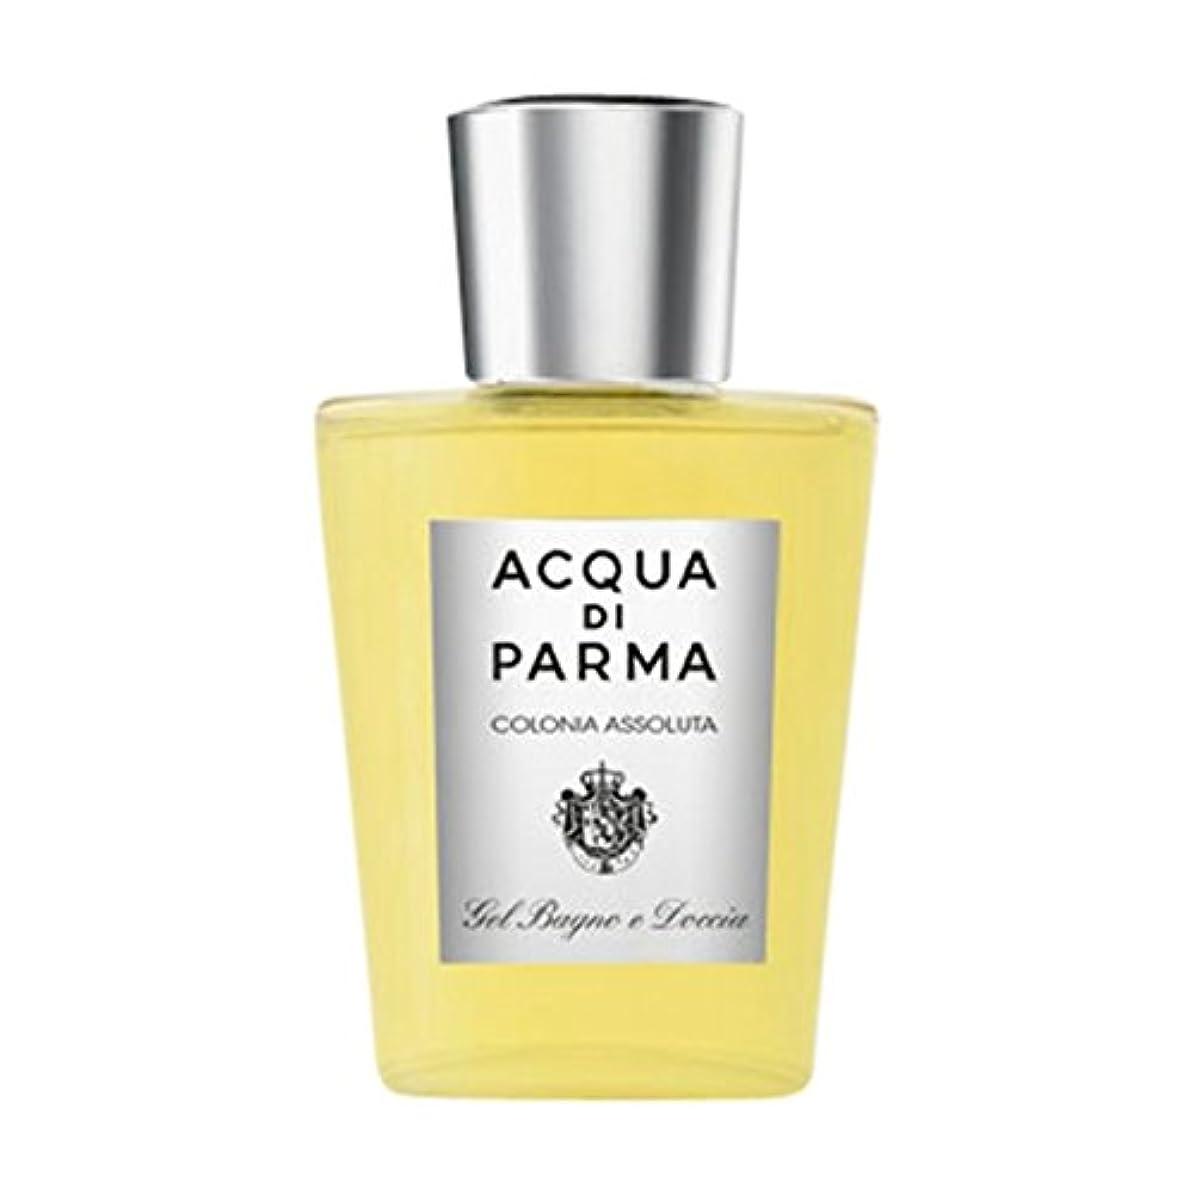 シンボル練るドローアクアディパルマコロニアAssoluta風呂とシャワージェル (Acqua di Parma) (x2) - Acqua di Parma Colonia Assoluta Bath and Shower Gel (Pack of 2) [並行輸入品]